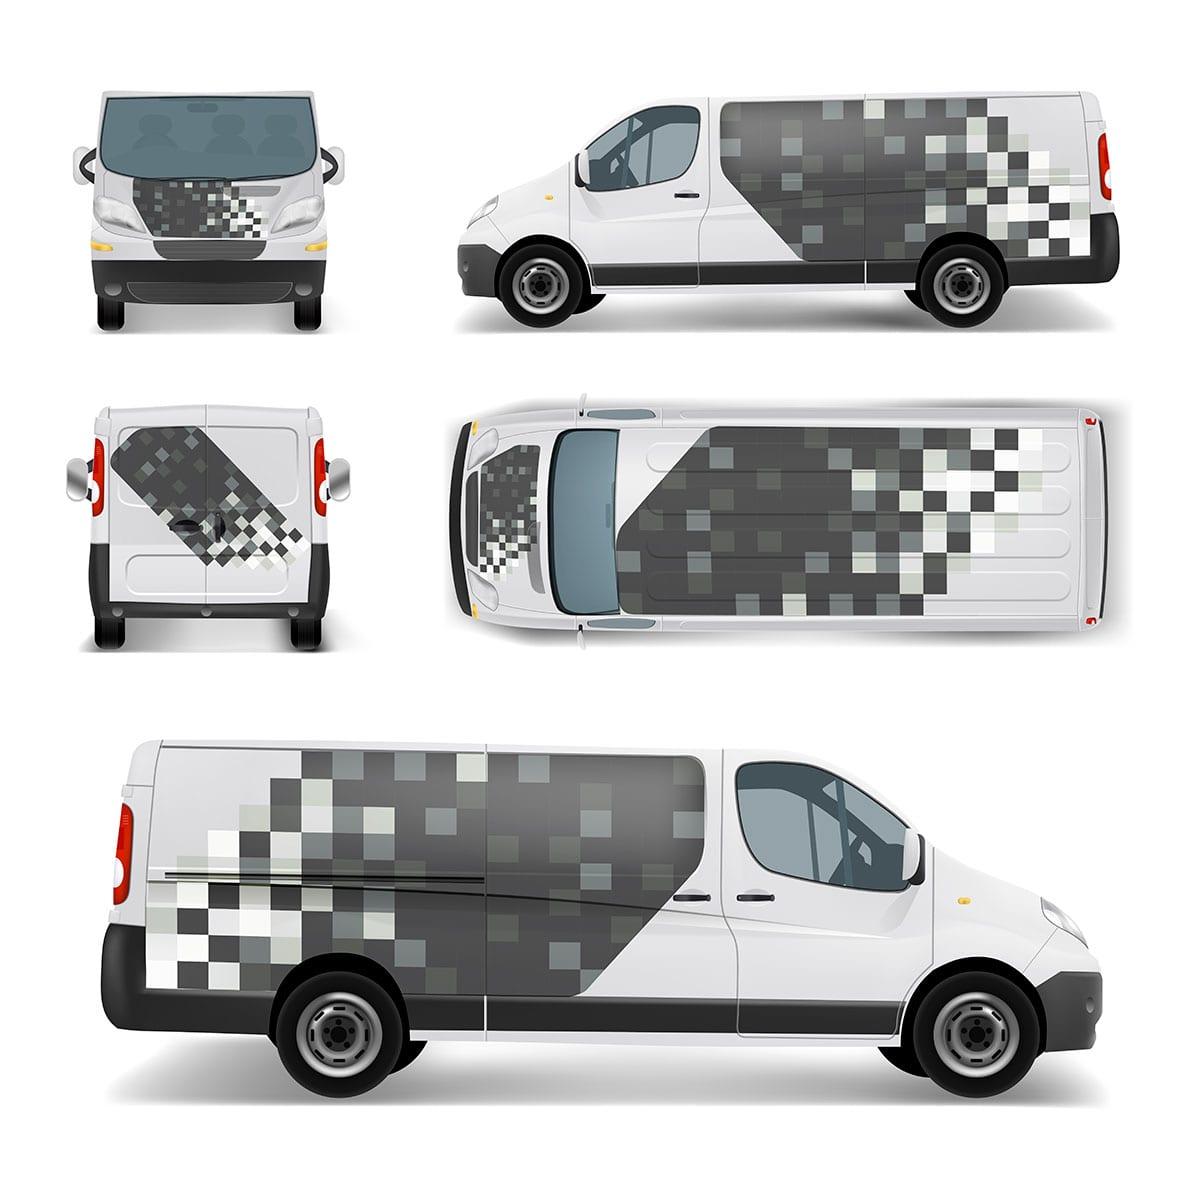 Creatikon Studio oferă servicii de grafică personalizări mașini decorări auto la cele mai înalte standarde tehnice și creative.